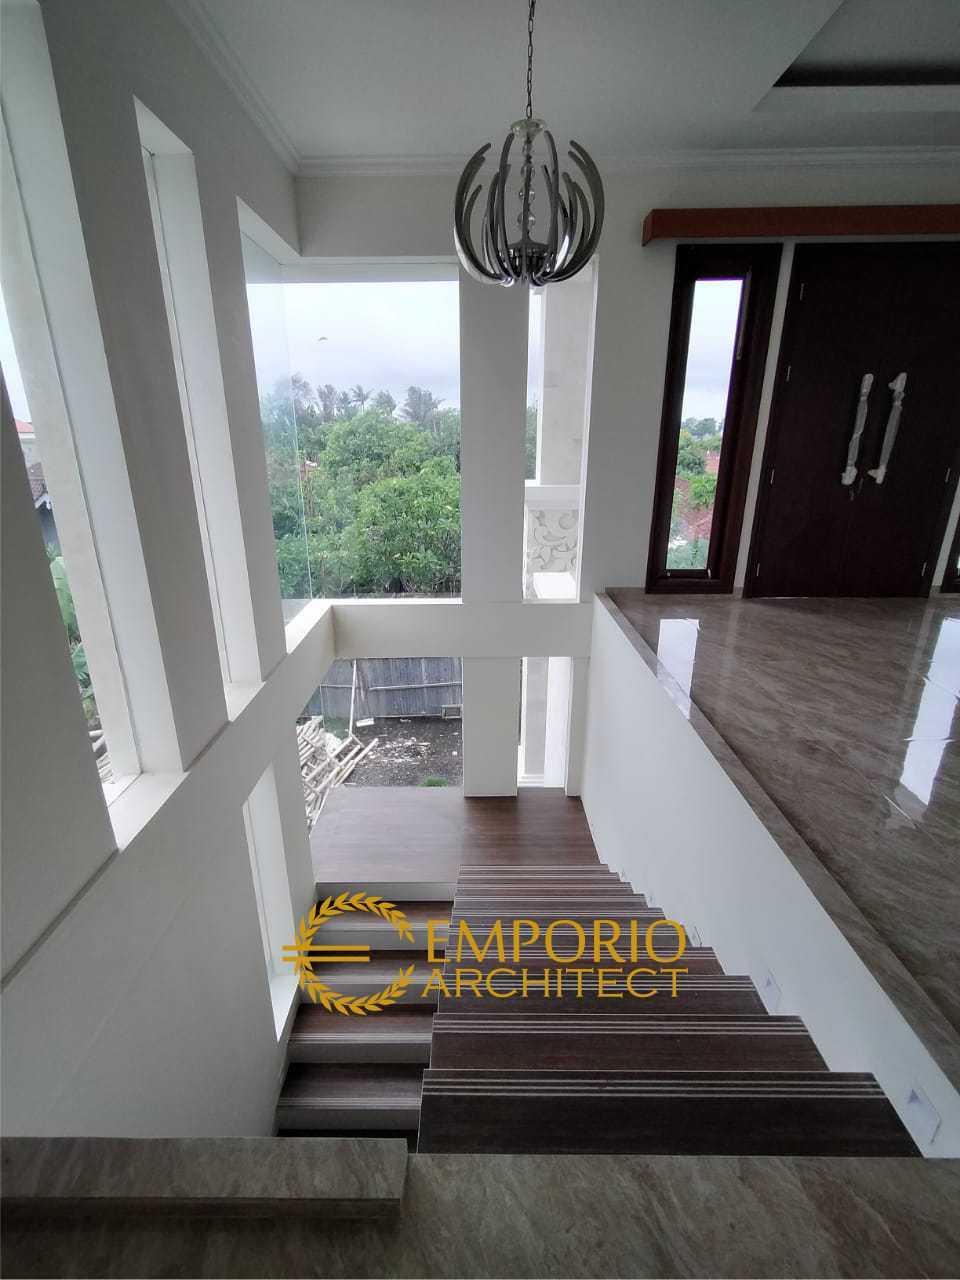 Emporio Architect Jasa Arsitek Denpasar Progress Pembangunan Rumah Villa Bali Tropis 216 @ Denpasar, Bali Kota Denpasar, Bali, Indonesia Kota Denpasar, Bali, Indonesia Emporio-Architect-Jasa-Arsitek-Denpasar-Progress-Pembangunan-Rumah-Villa-Bali-Tropis-216-Denpasar-Bali   84132